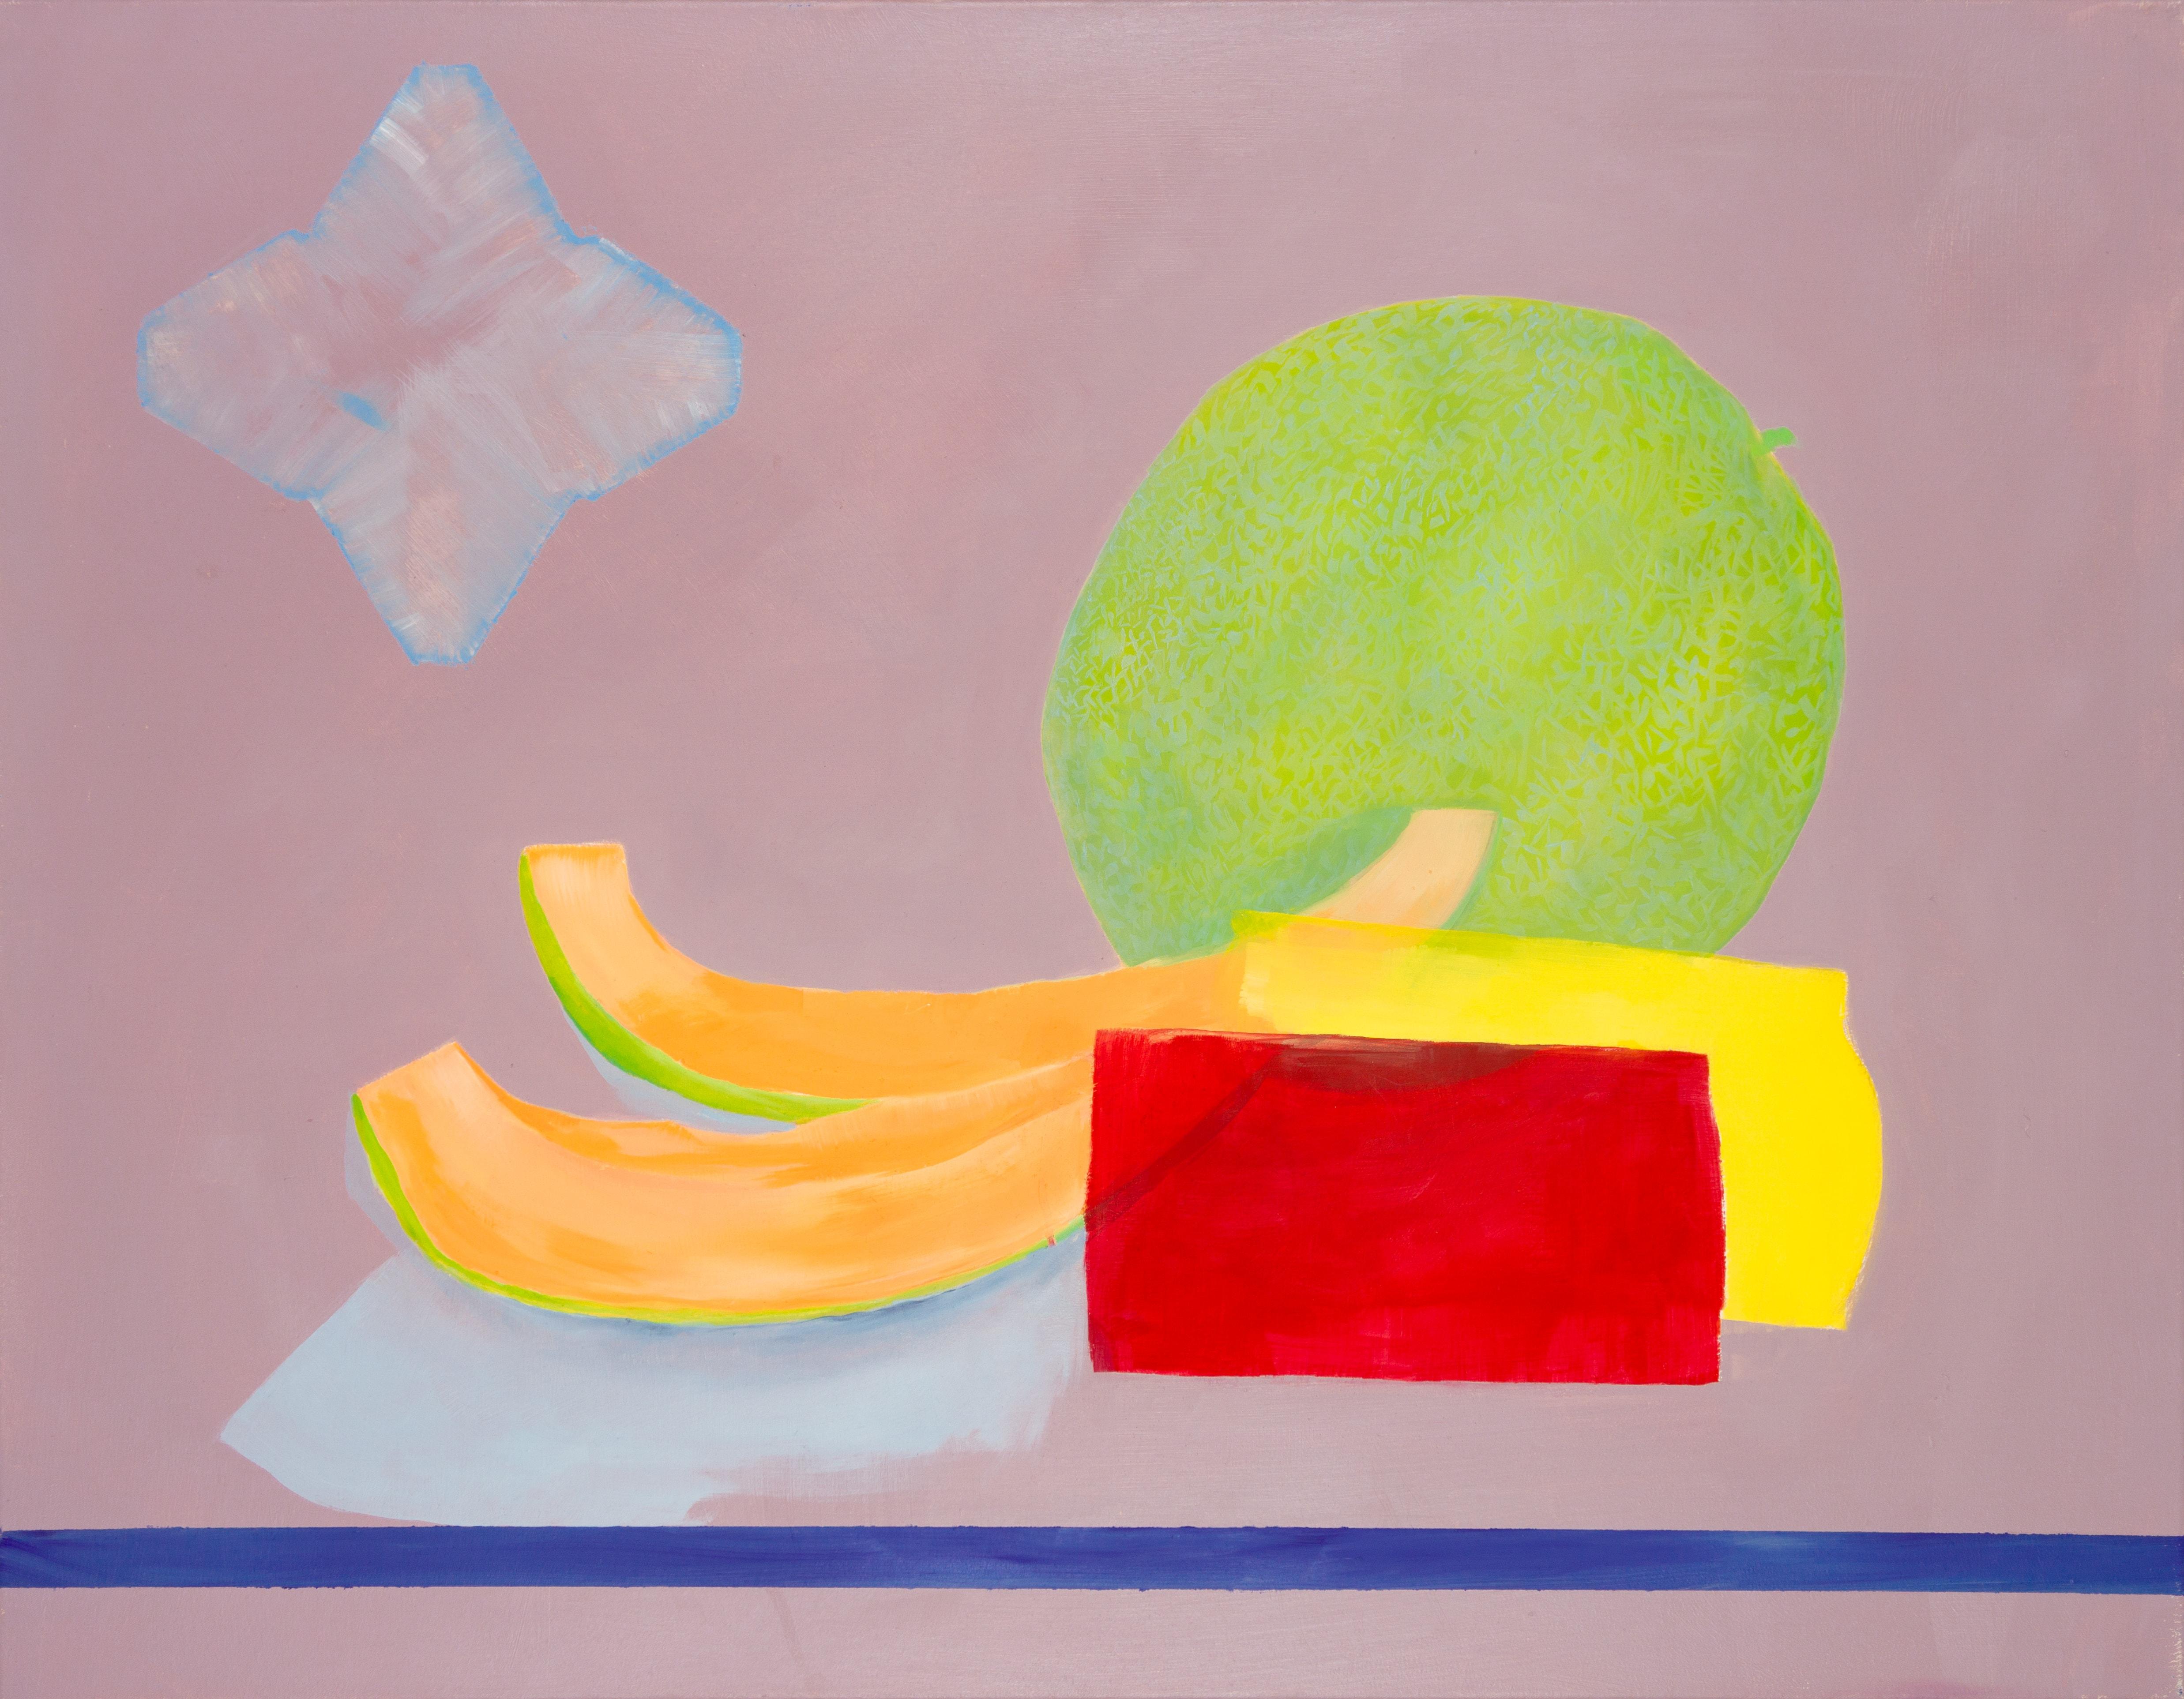 Malerei, Öl auf Leinwand, 90cm x 70cm, stilisierte Werbung für Zuckermelone, artist: Franziska King